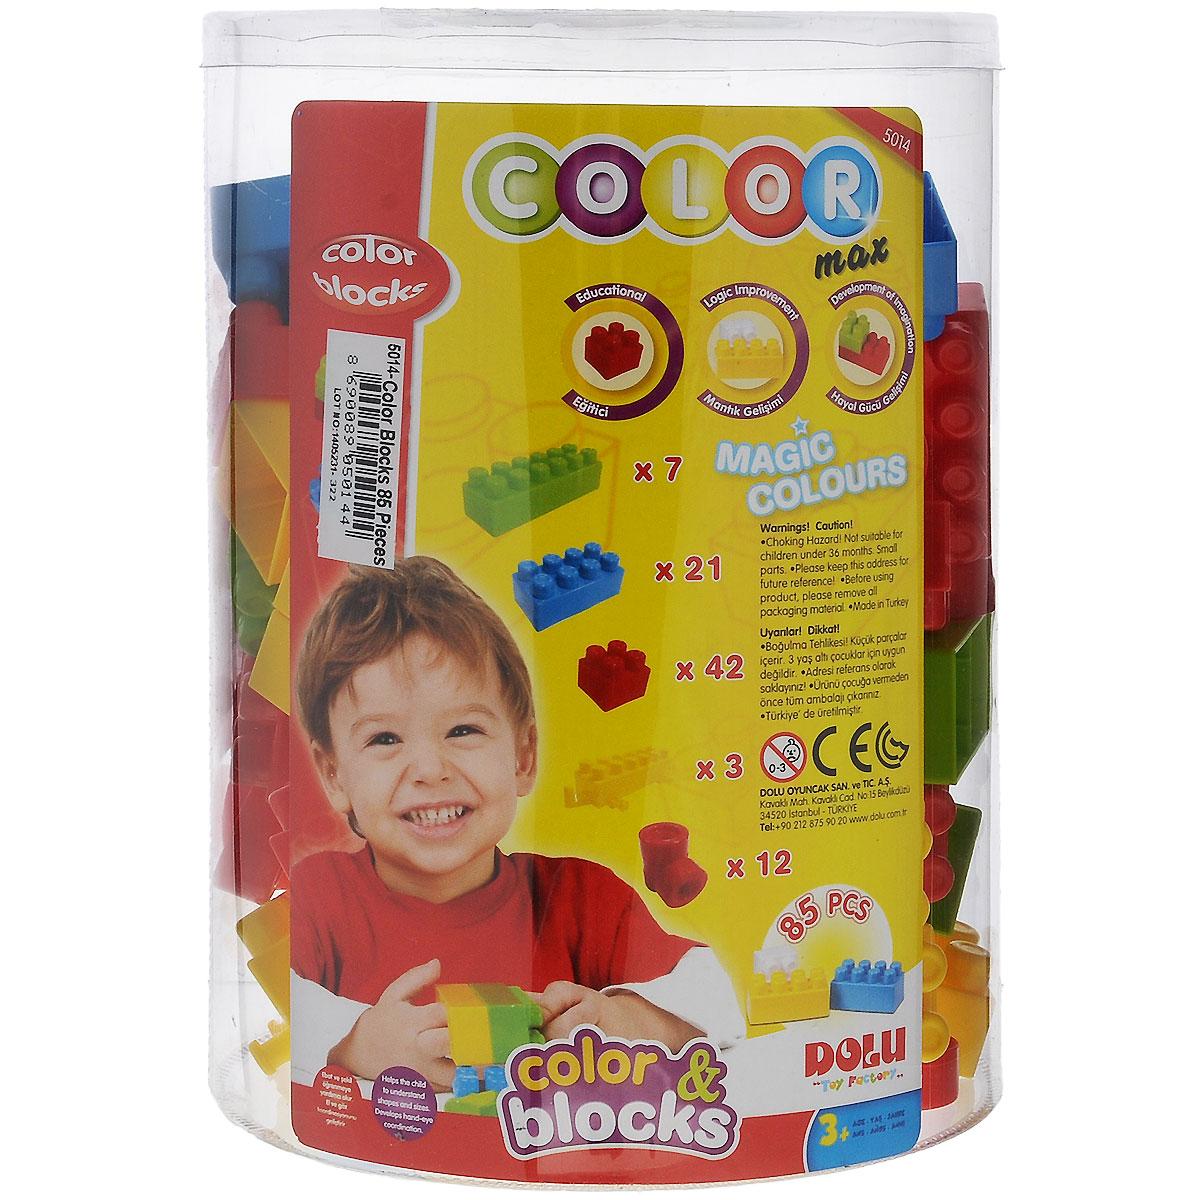 Dolu Конструктор 50145014Большой конструктор DOLU необходимая игрушка в любой детской комнате, которая надолго займет внимание вашего ребенка. В комплект входят 85 пластиковых элементов конструктора, с помощью которых ребенок сможет складывать невообразимые постройки. Все детали конструктора имеют большие формы и безопасны для здоровья малыша. Во время игры ребенок познакомится с основными цветами, научится различать фигуры, форму и цвет, сможет развить мелкую моторику рук, логику и творческое мышление.